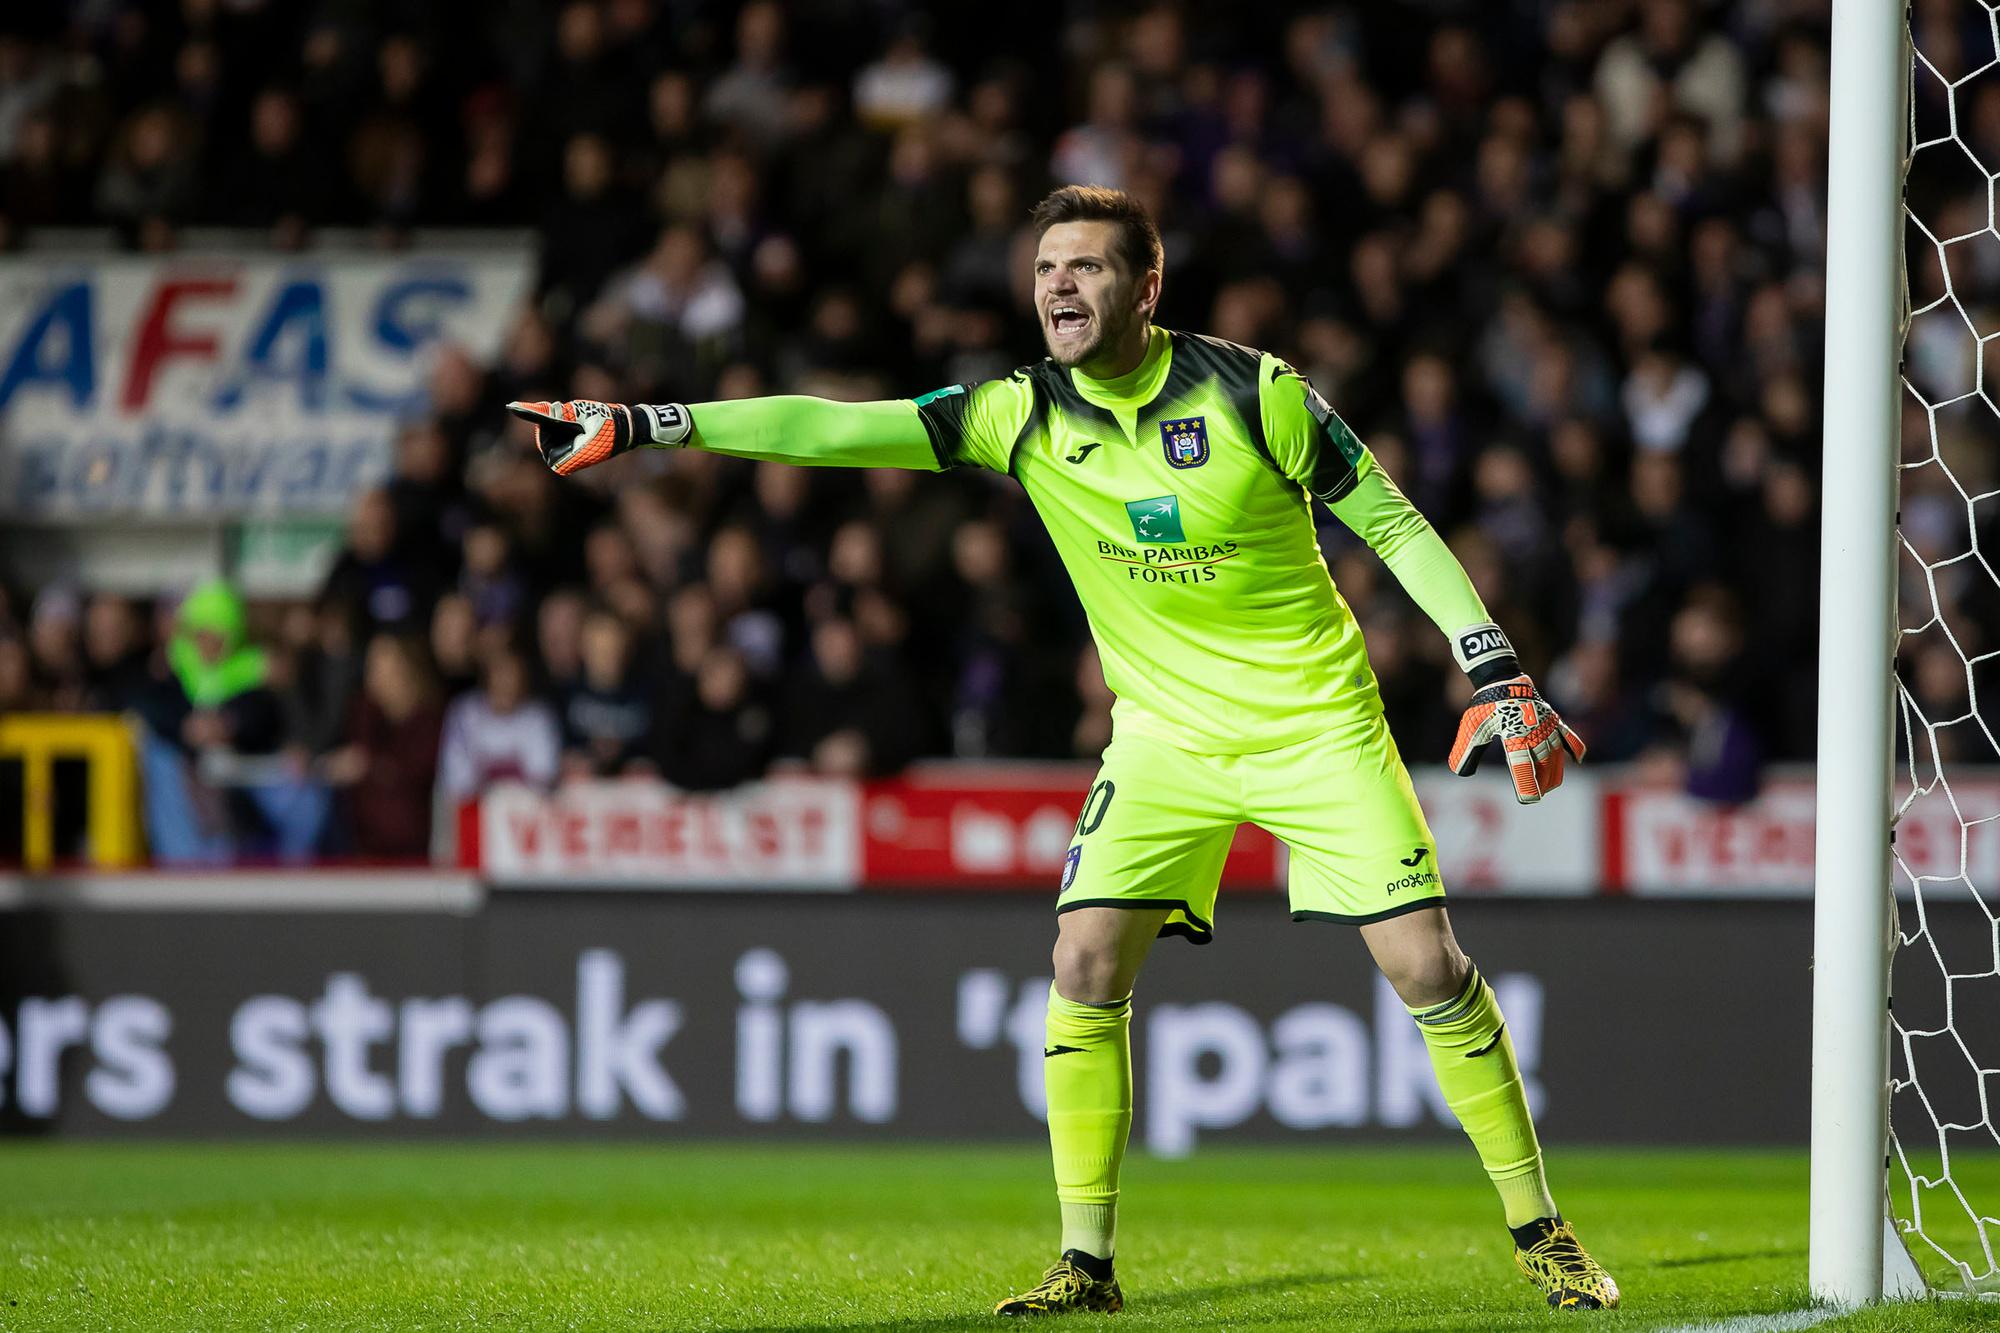 Hendrik Van Crombrugge keepte geweldig, maar Anderlecht zou toch geen play-off 1 hebben gehaald., Belga Image